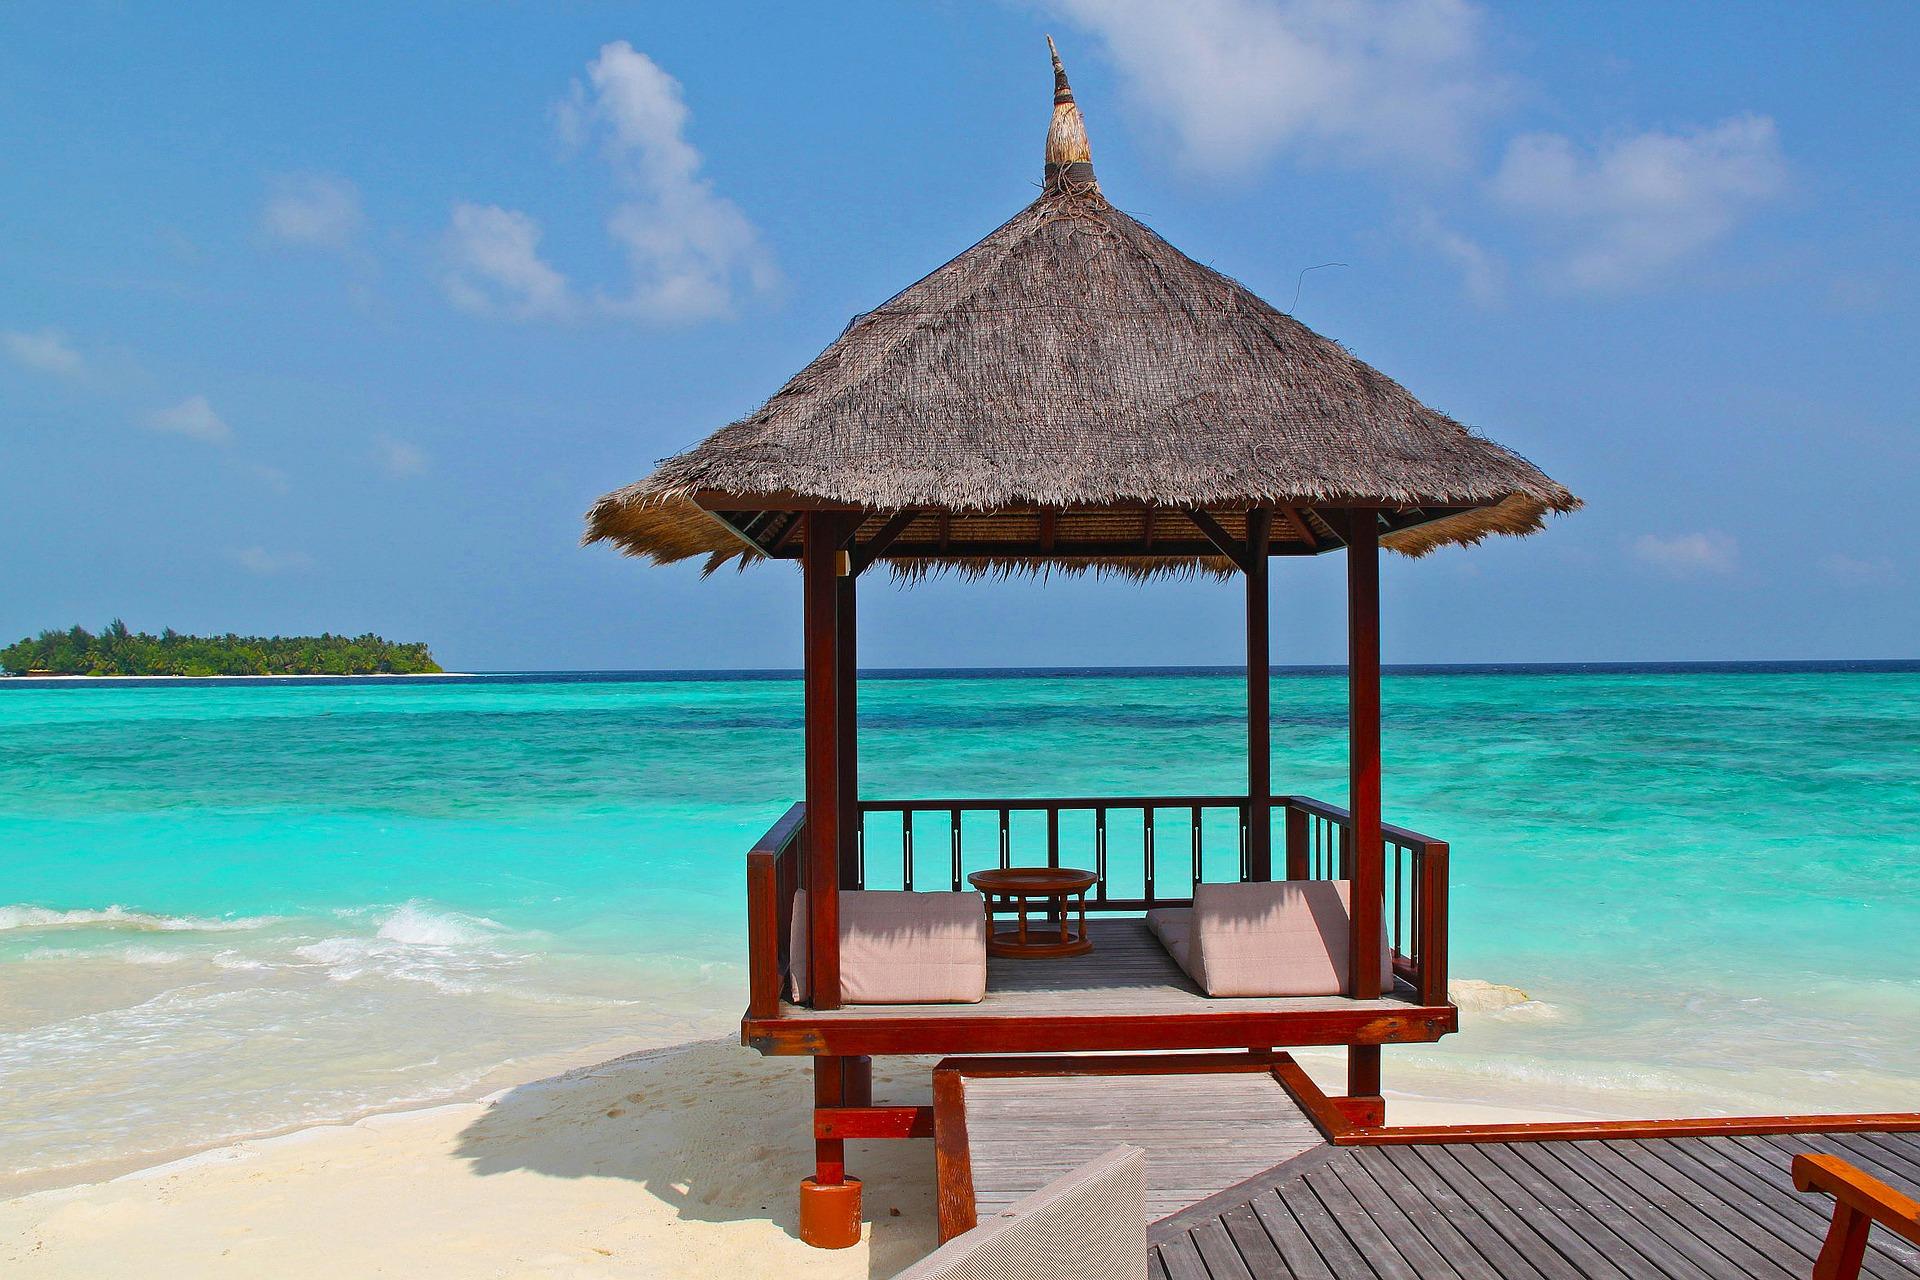 beach-hut-237489_1920.jpg